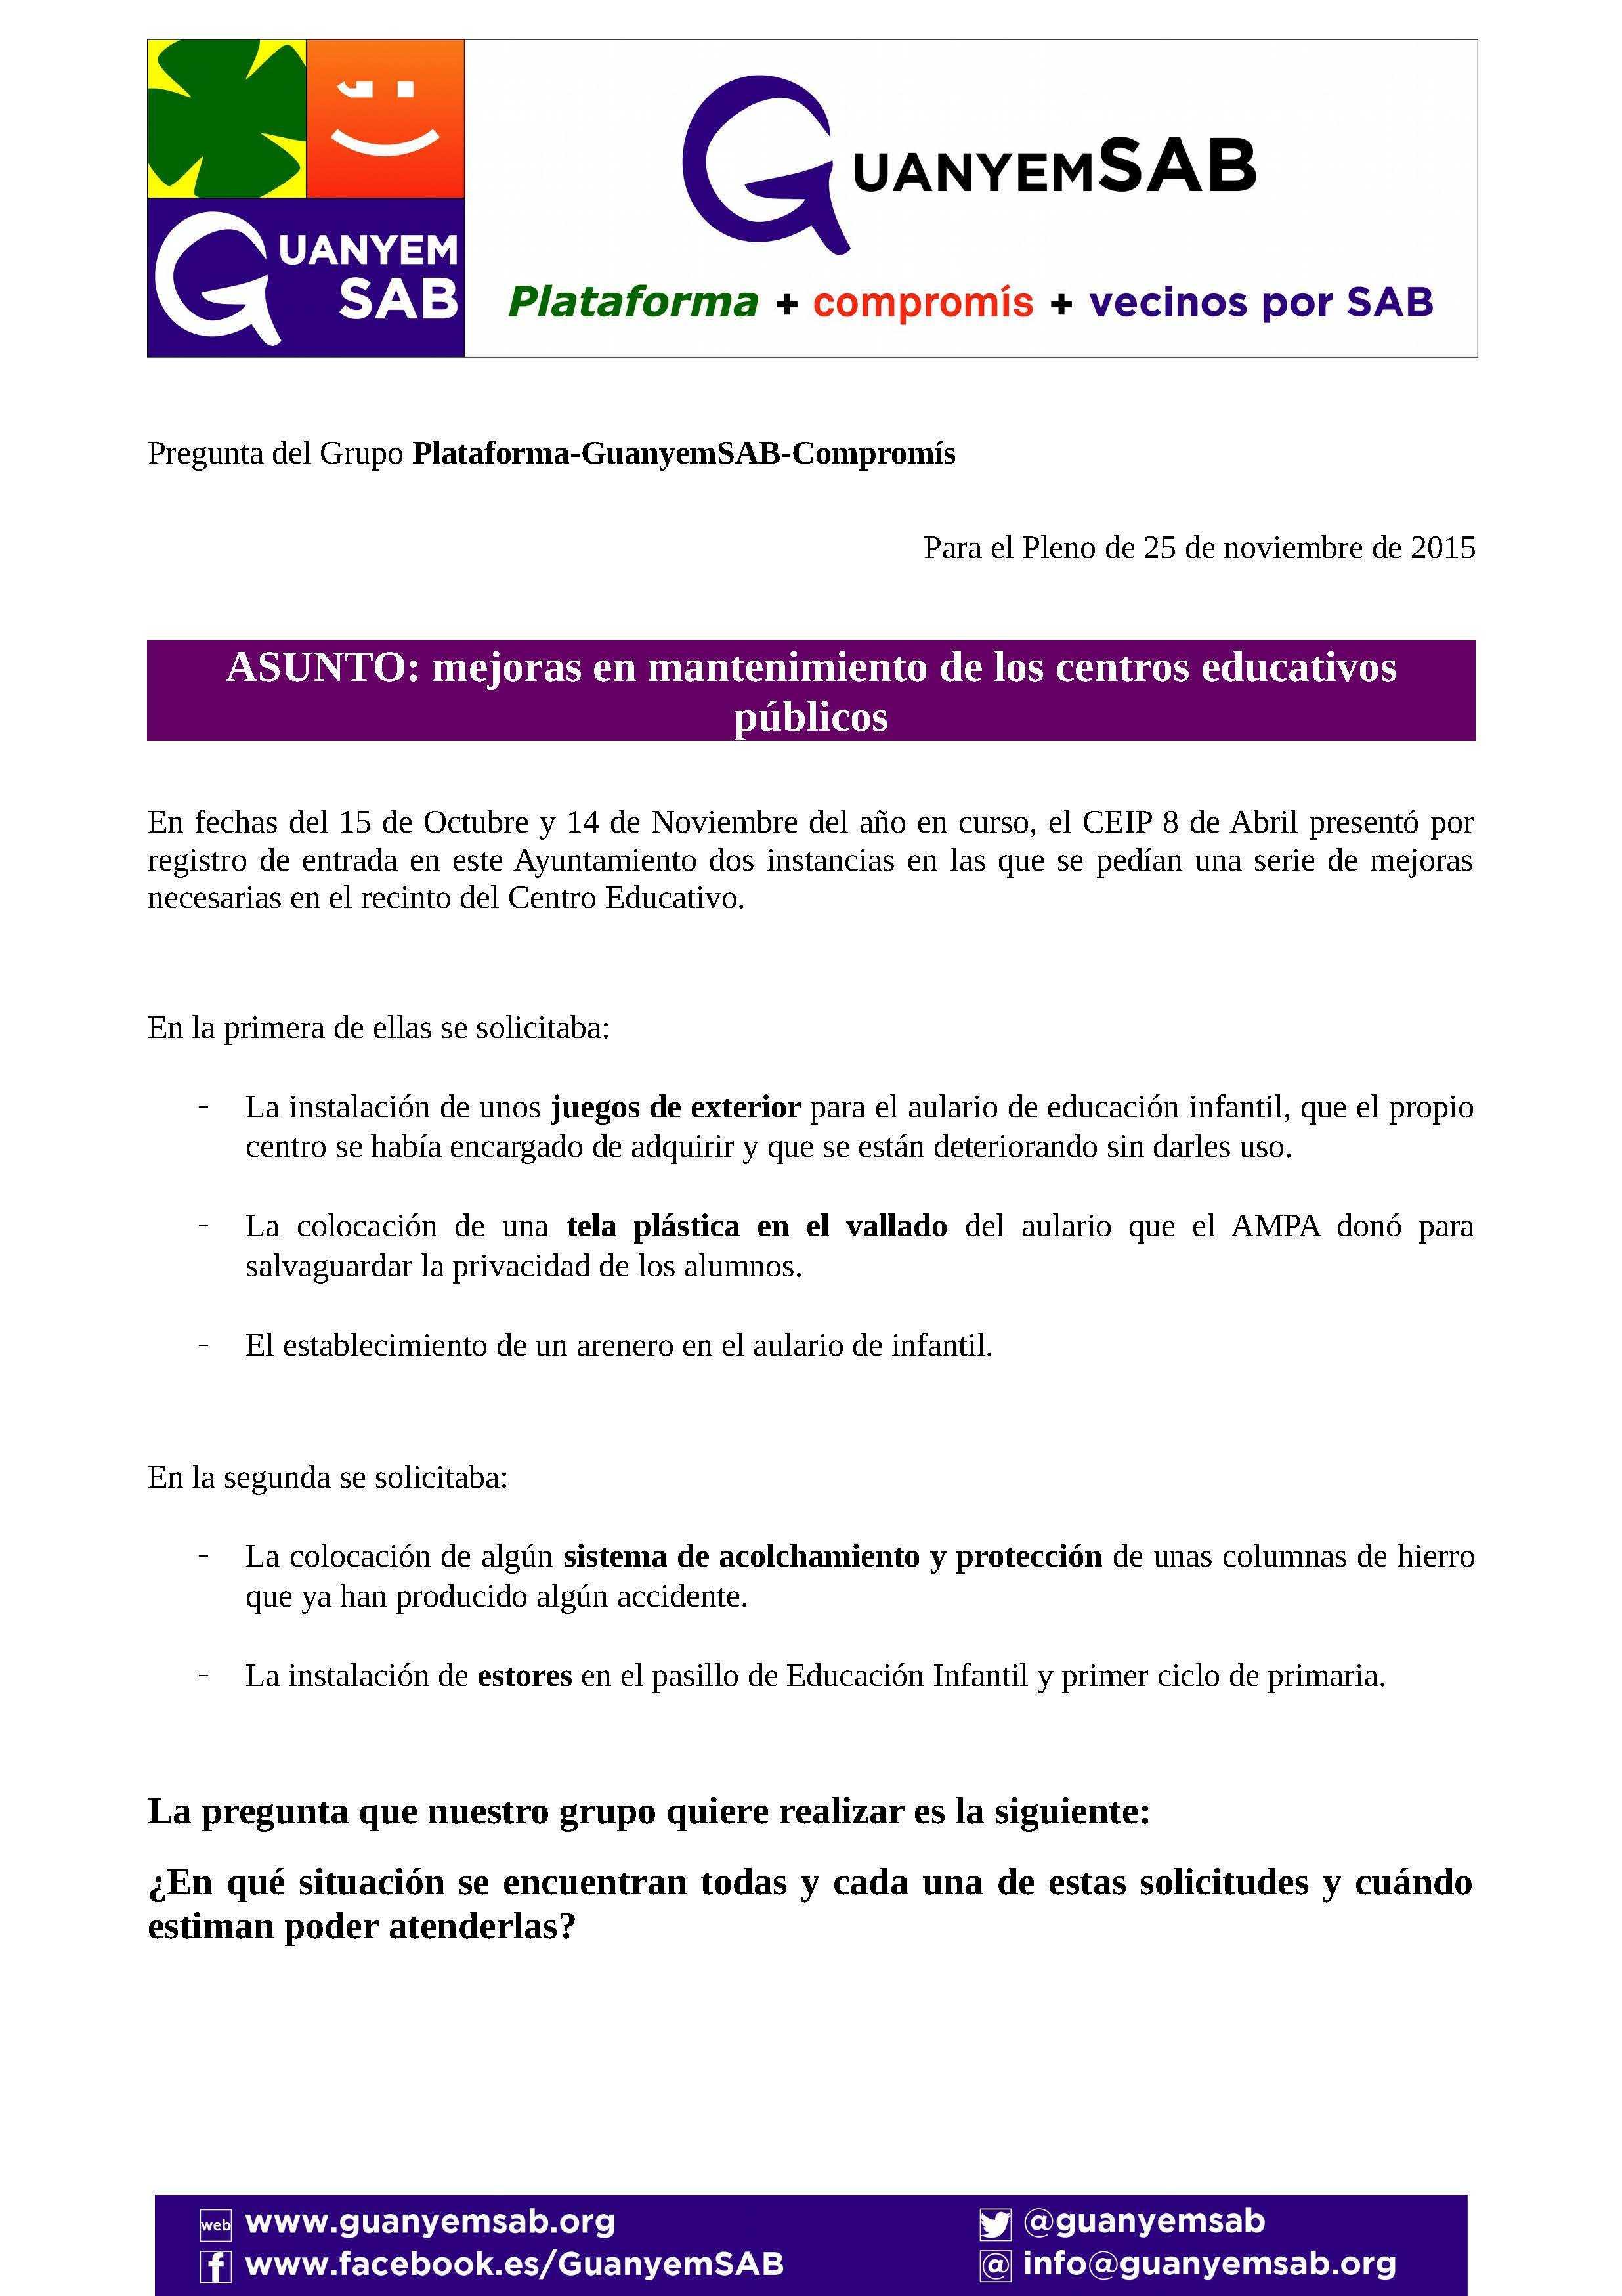 PREGUNTA Y RUEGOS SOBRE MEJORAS EN COLEGIOS_Página_1